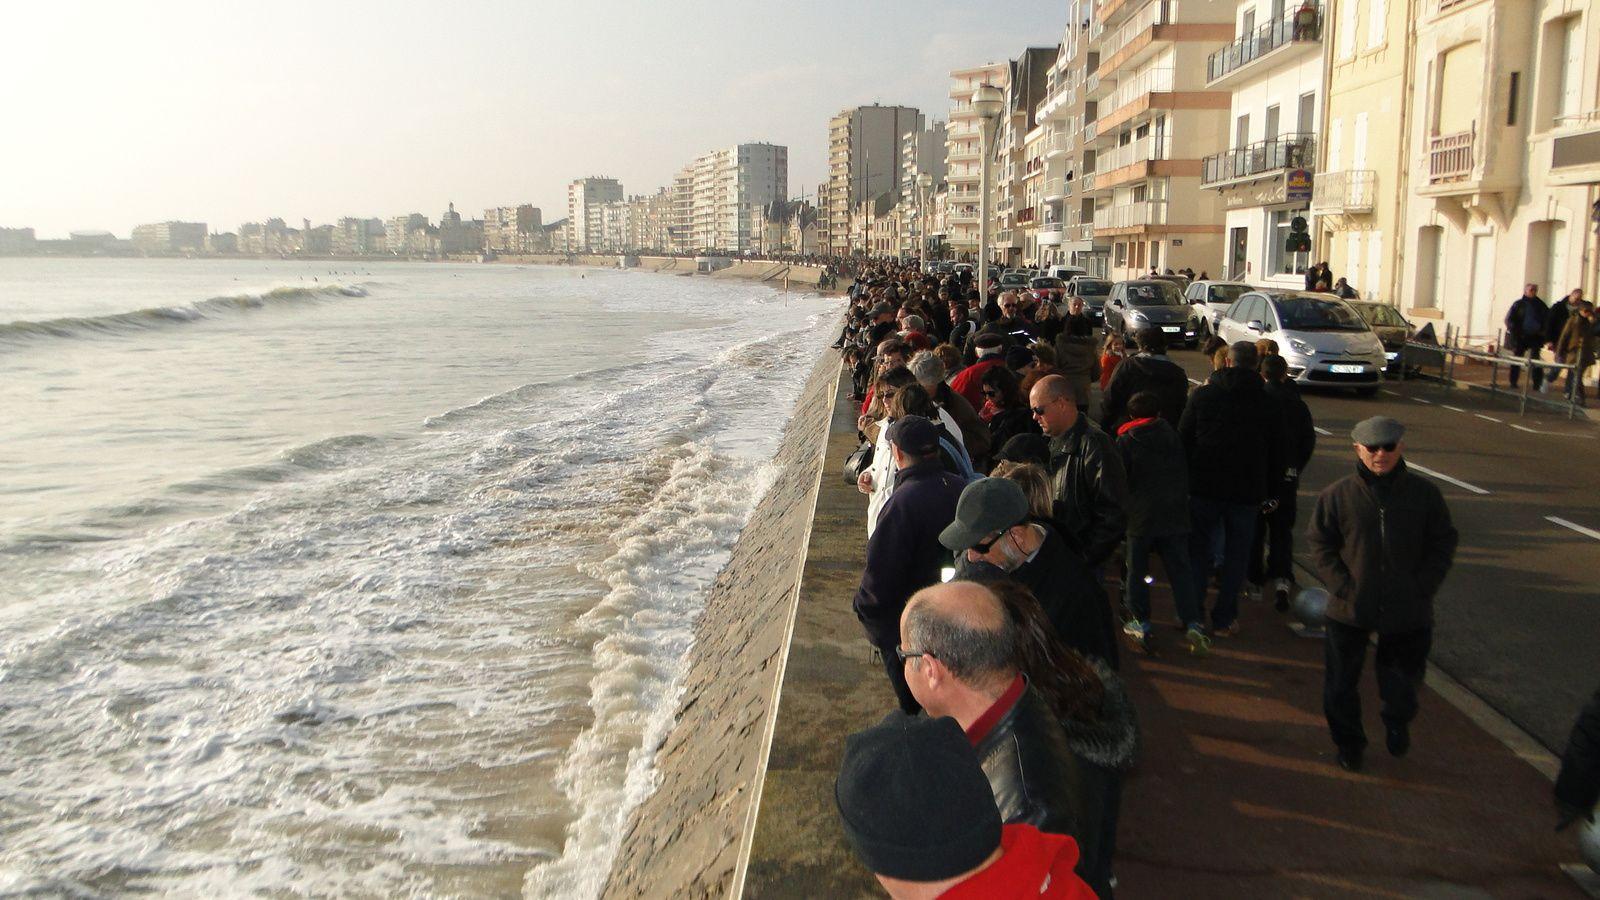 MAREE DITE DU SIECLE : le 21 mars 2015, 17h38, marée humaine aux Sables d'Olonne